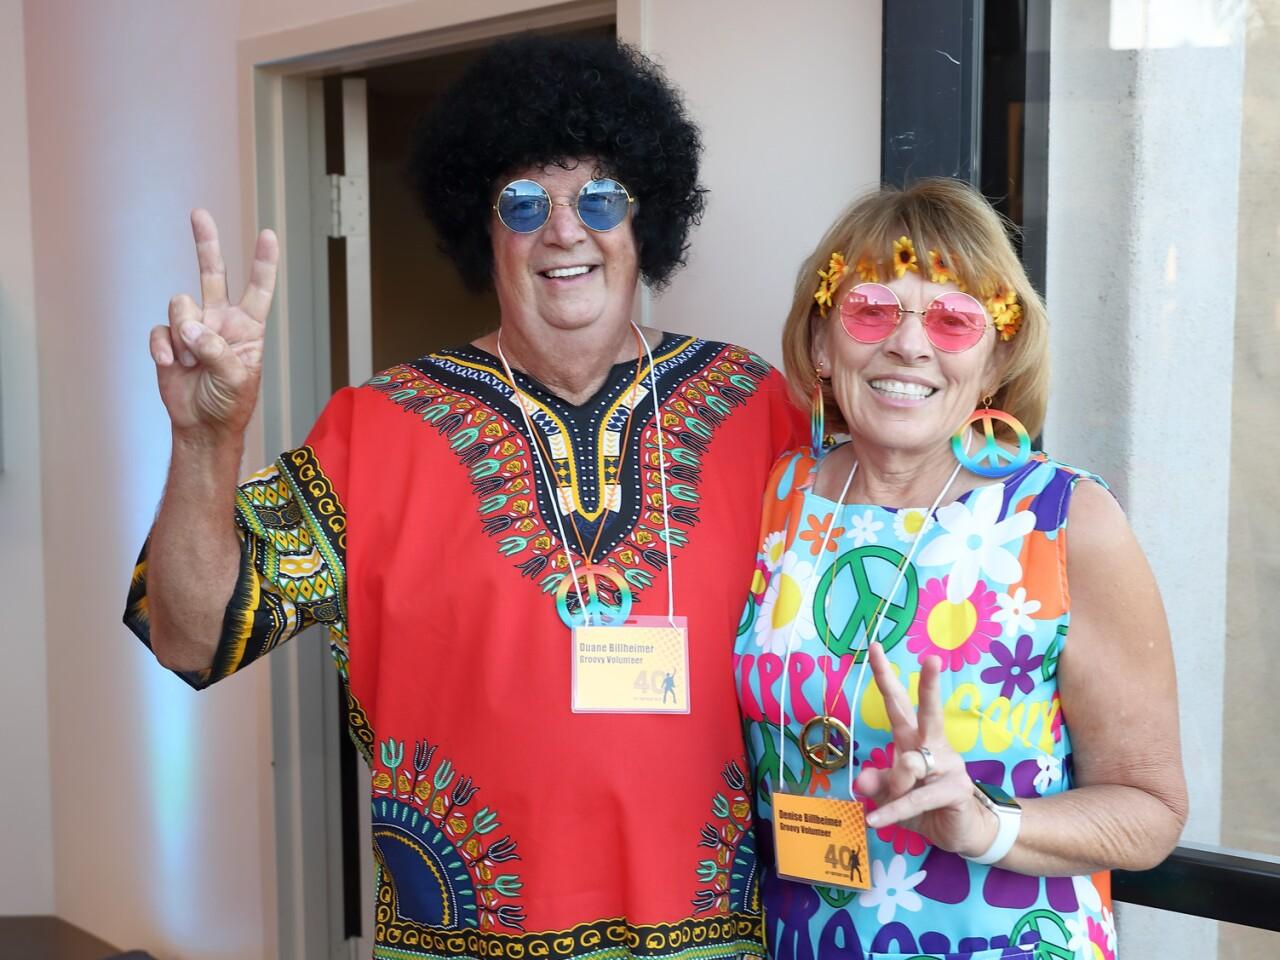 Duane and Denise Billheimer